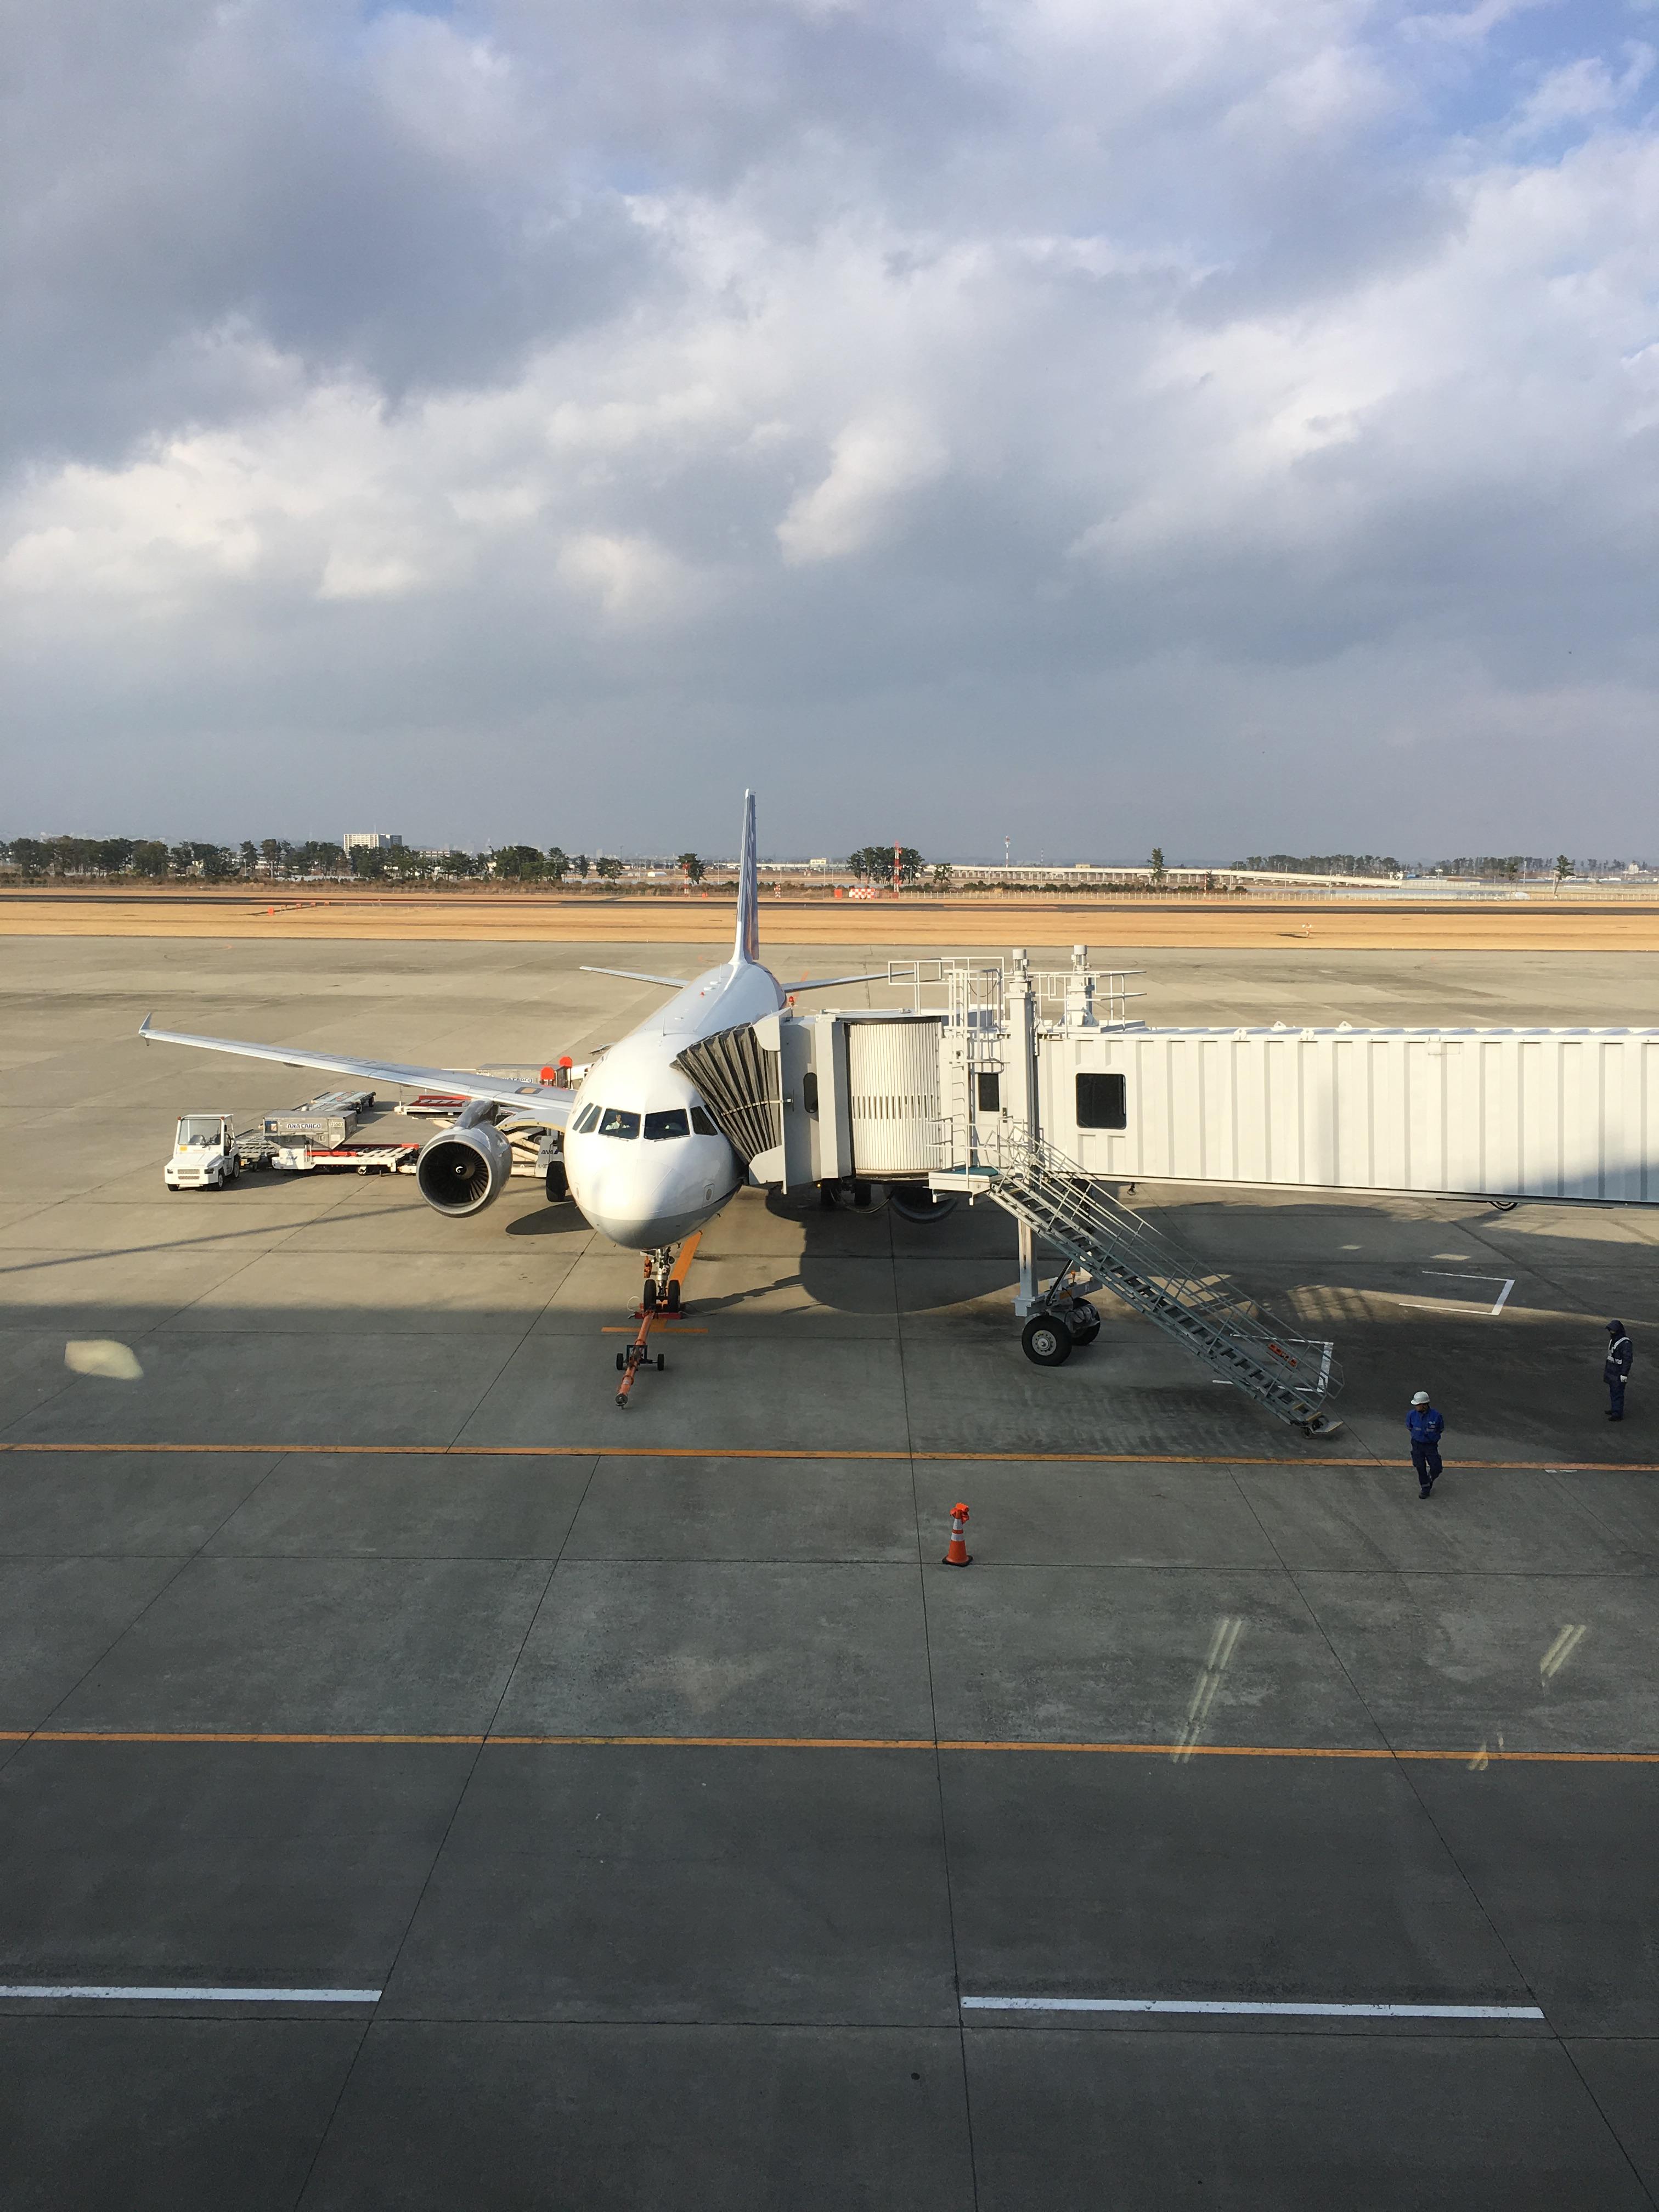 ホテルのポイント移行でアメリカン航空(AA)のマイレージを25%増しで手に入れる(2018/5/31まで)